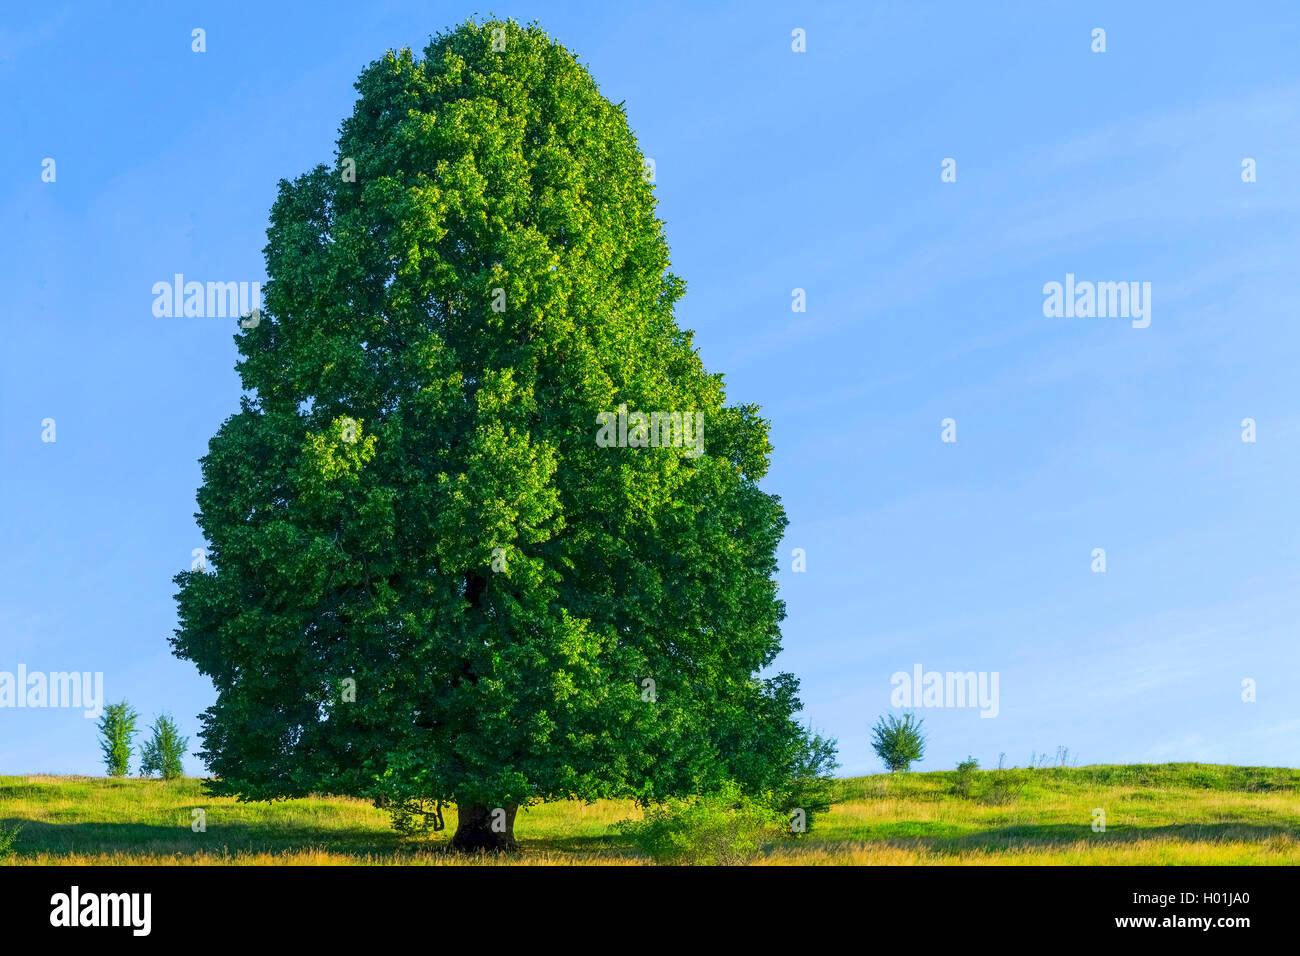 Linde (Tilia spec.), einzeln stehender Lindenbaum, Deutschland, Bayern, Oberbayern | basswood, linden, lime tree - Stock Image